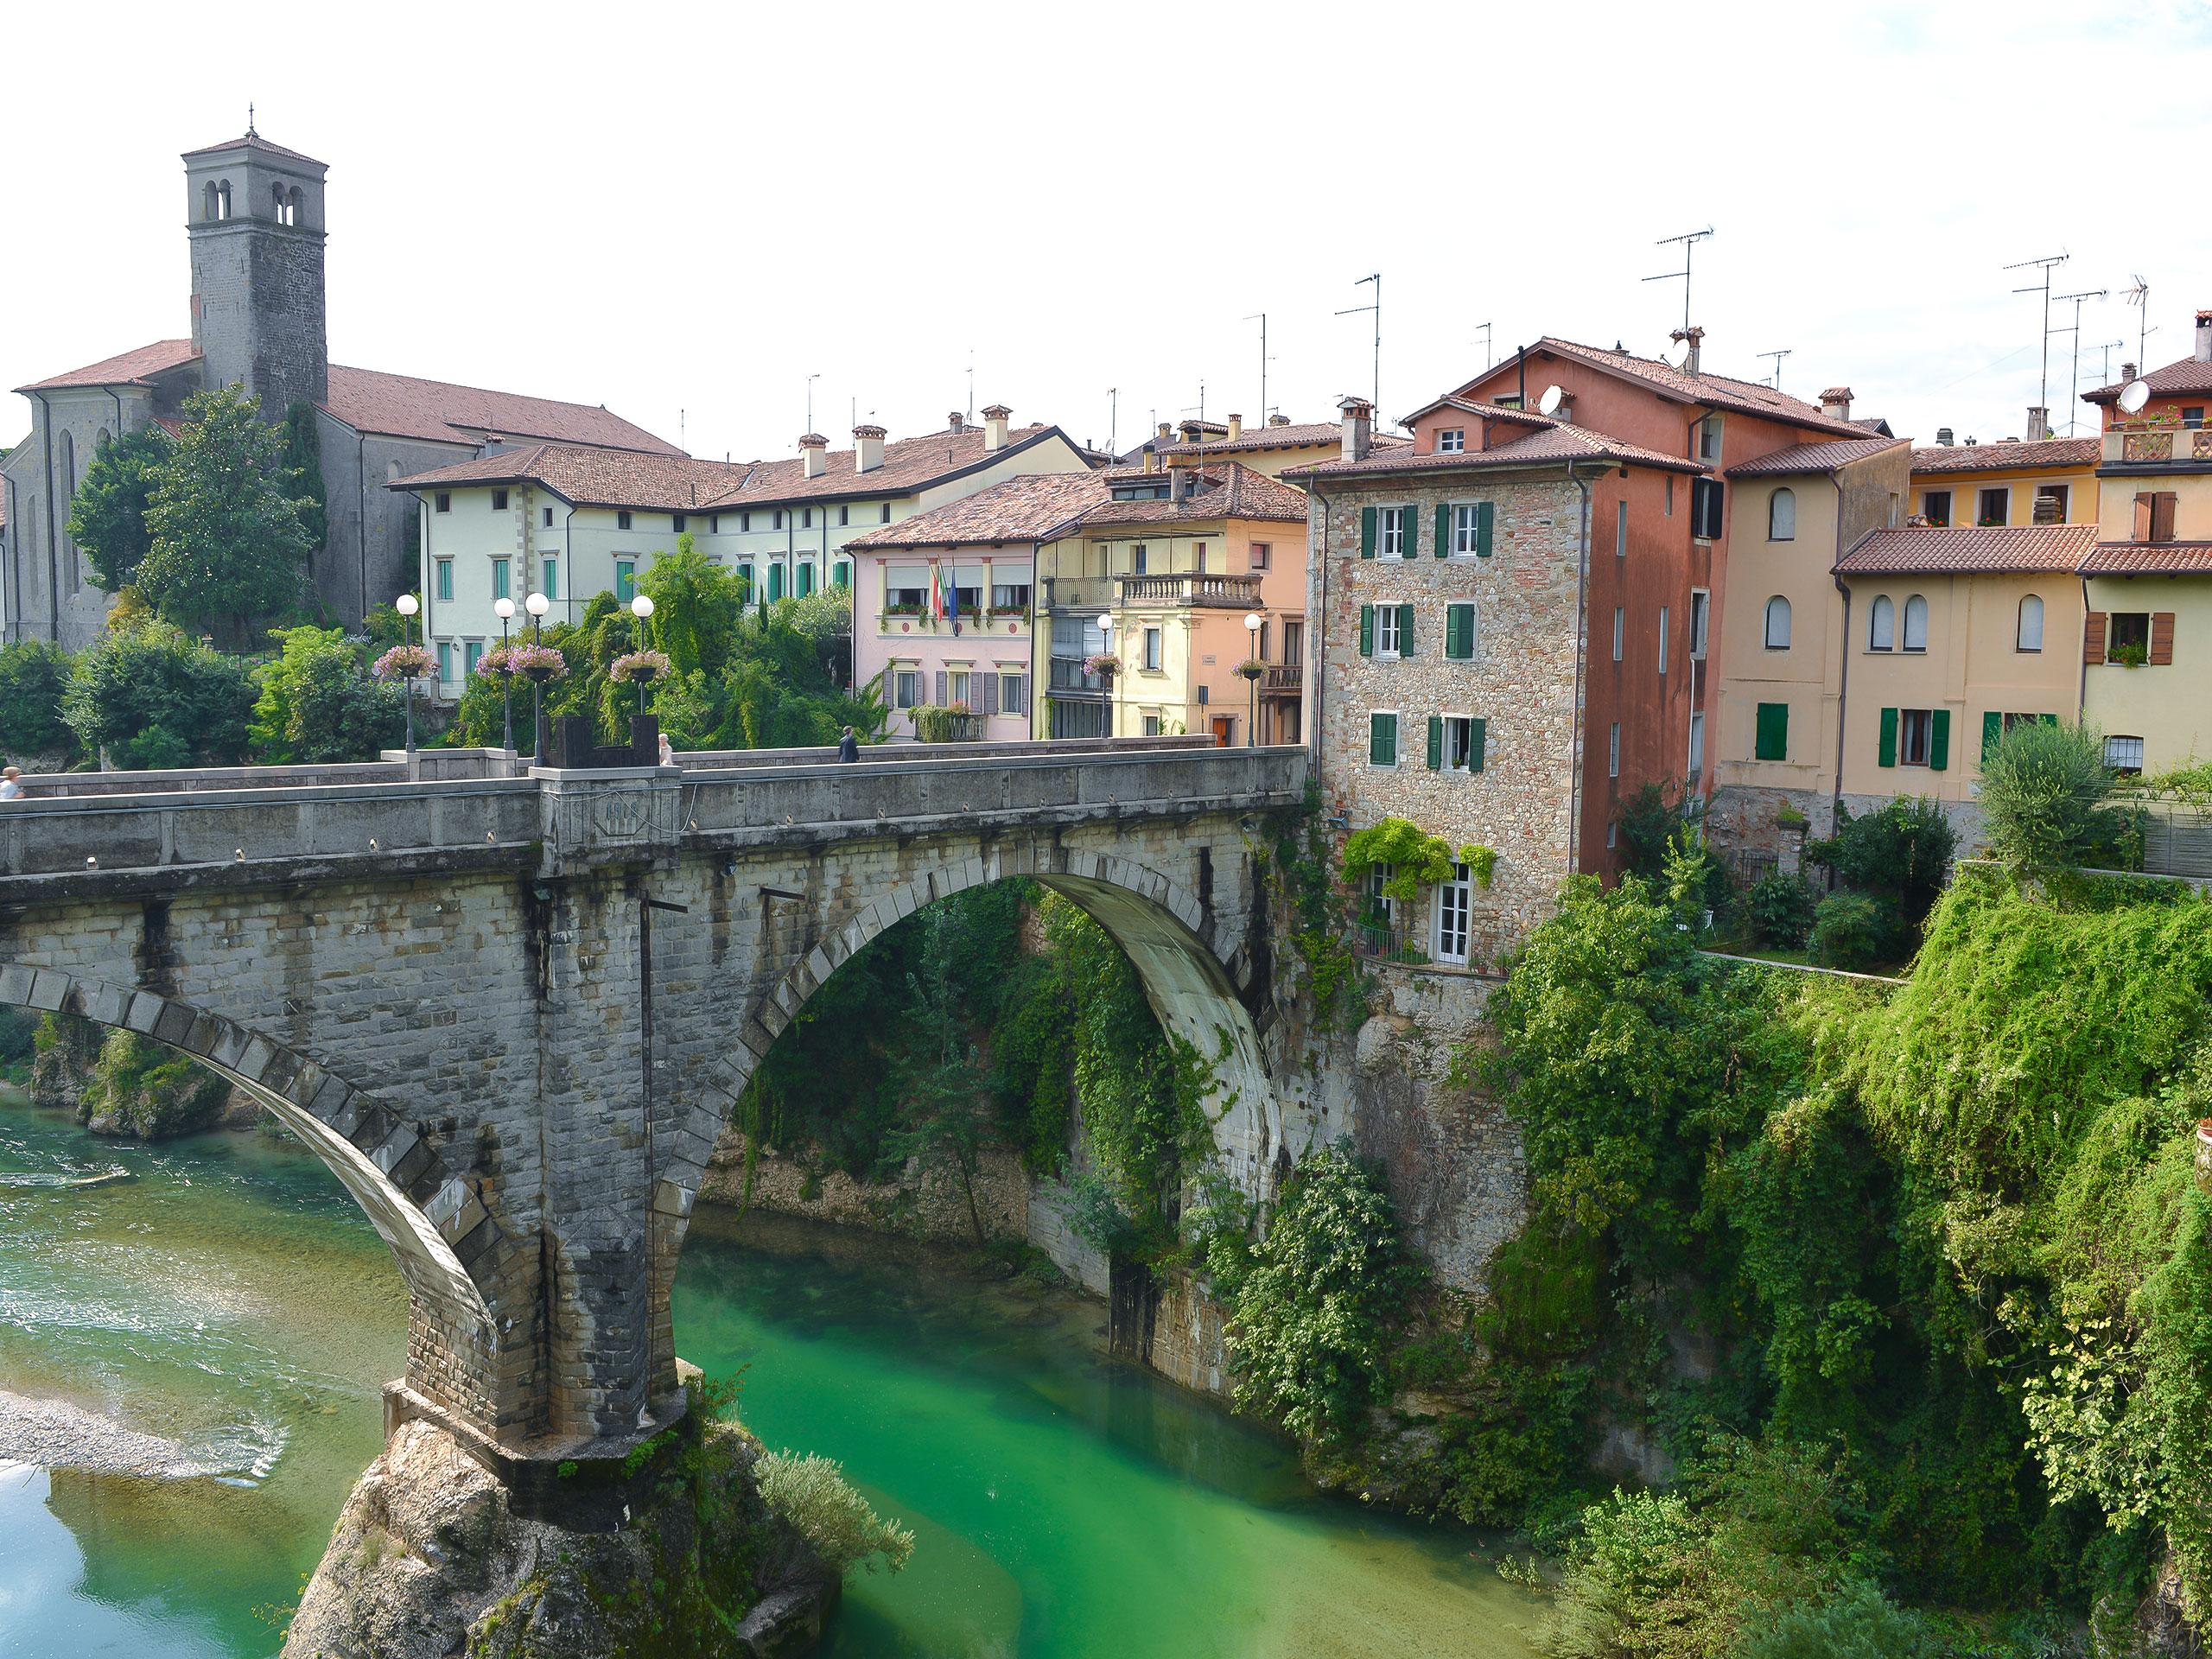 Ponte del Diavolo Bridge